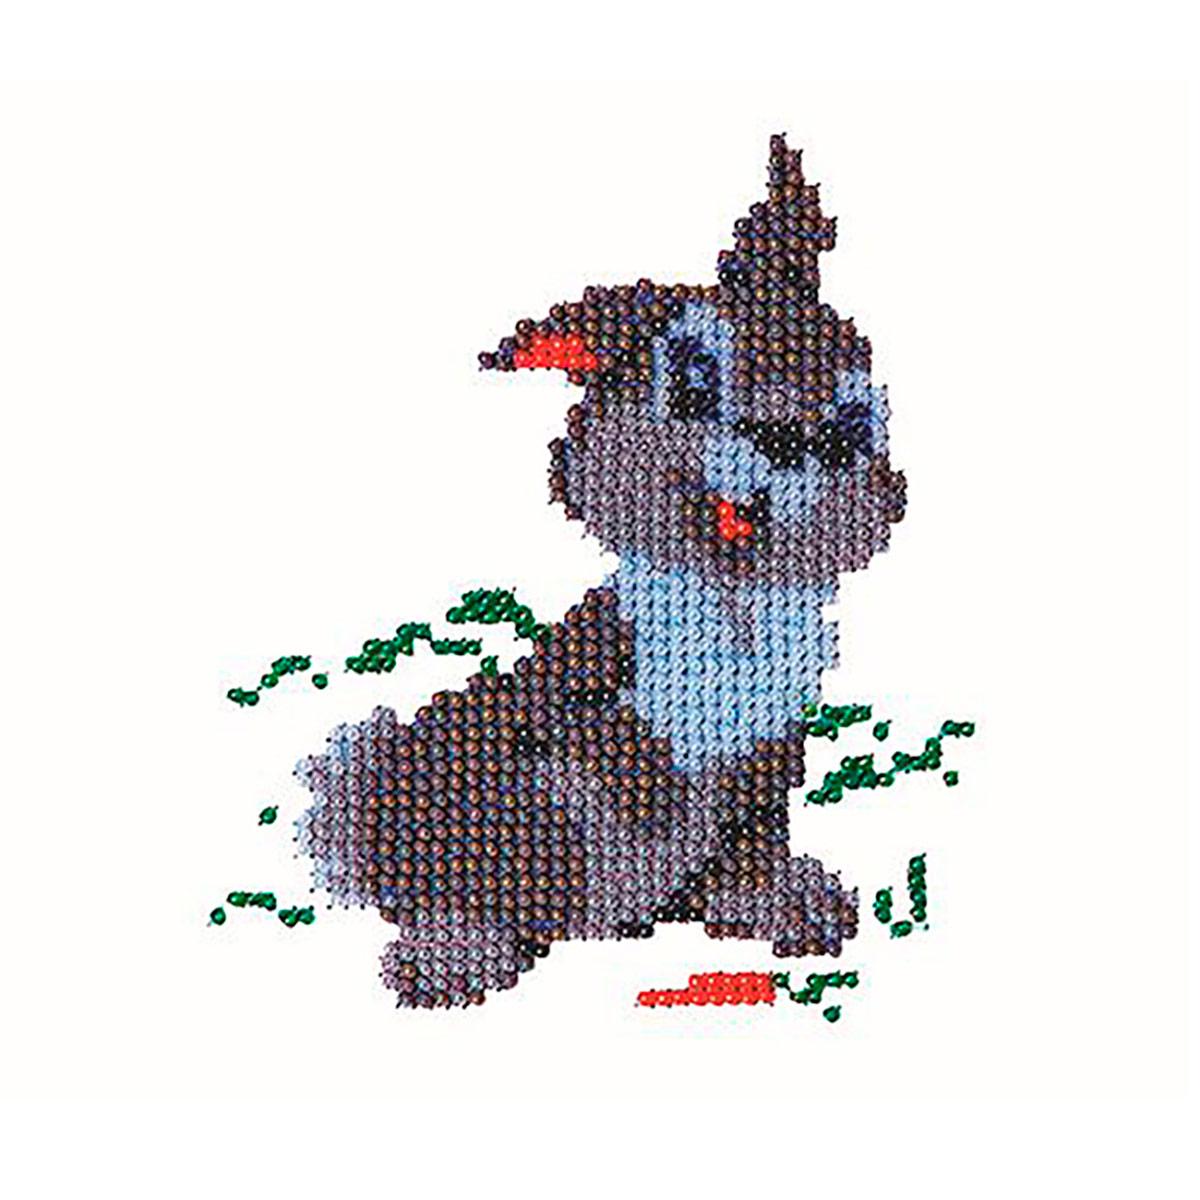 Б-0037 Набор для вышивания бисером 'Бисеринка' 'Зайка', 12*11 см фото